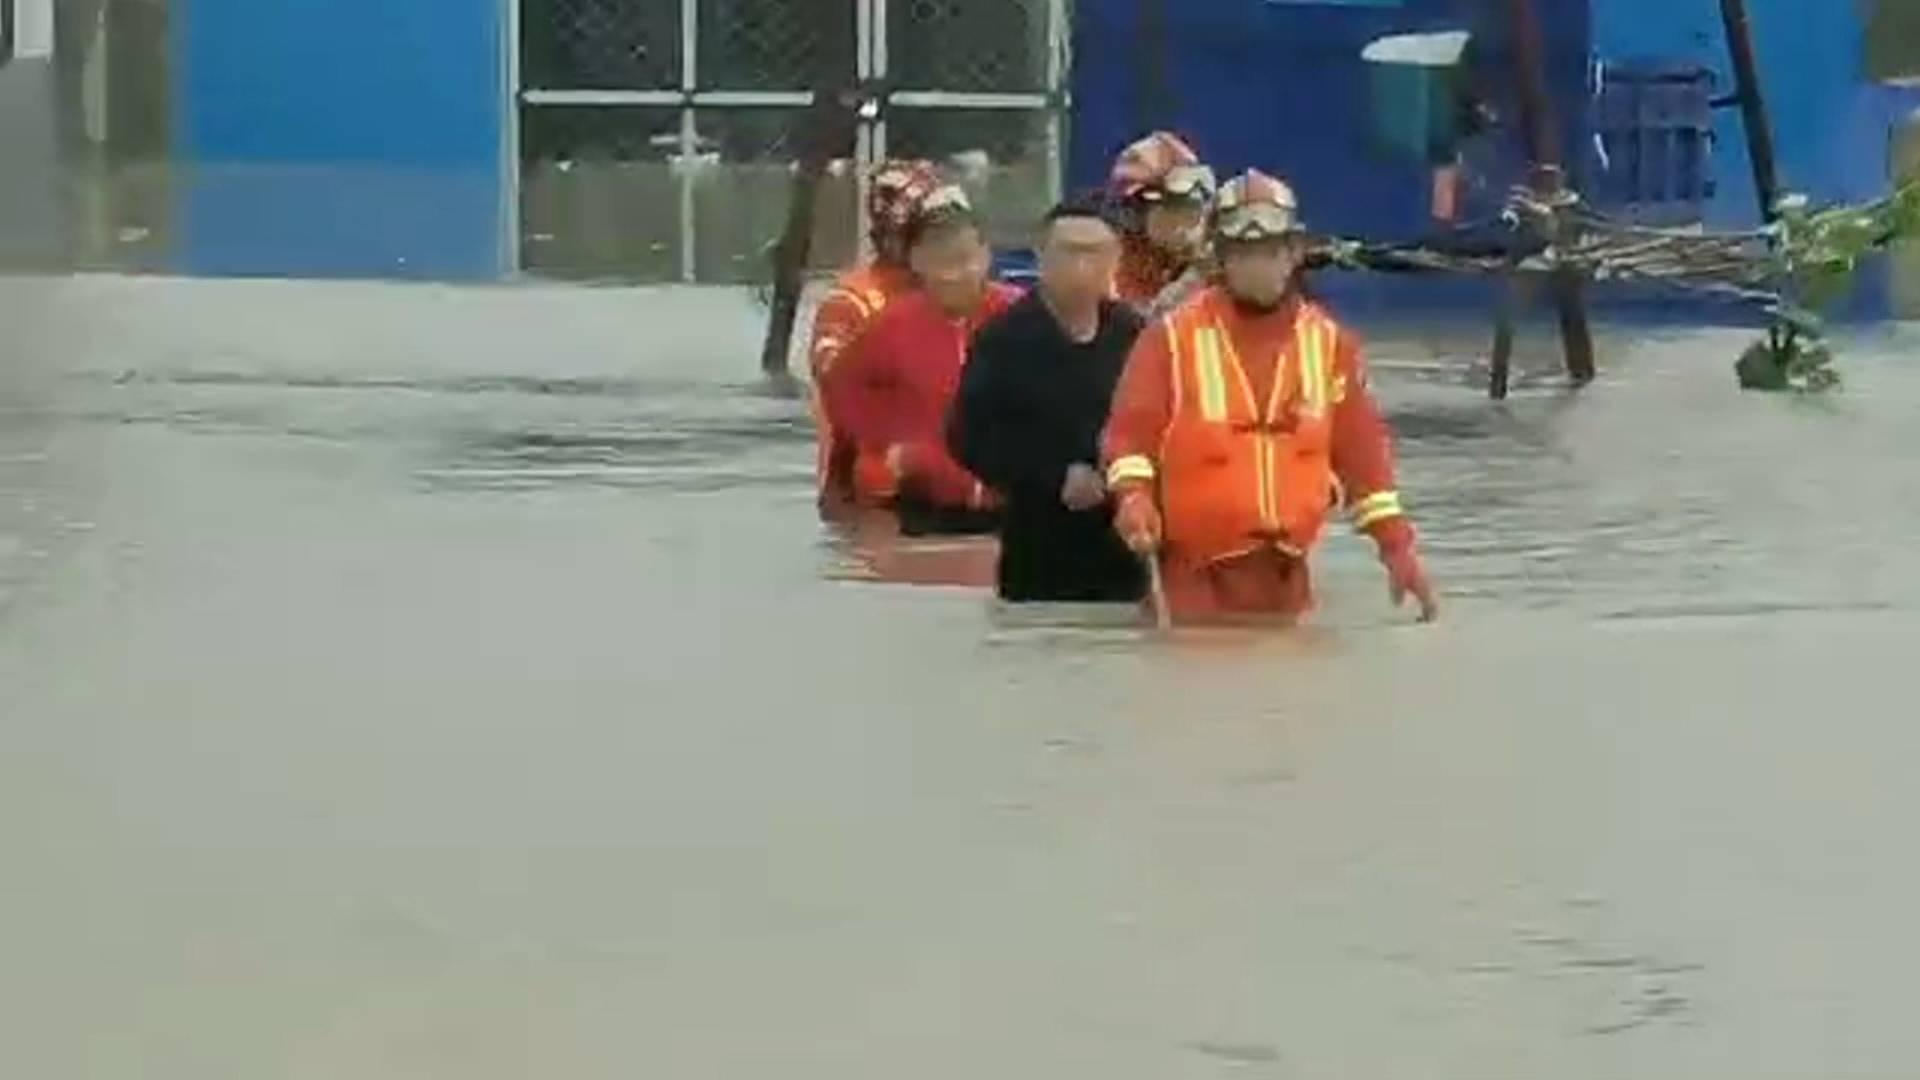 济南:暴雨后5人被困内涝 消防员紧急营救